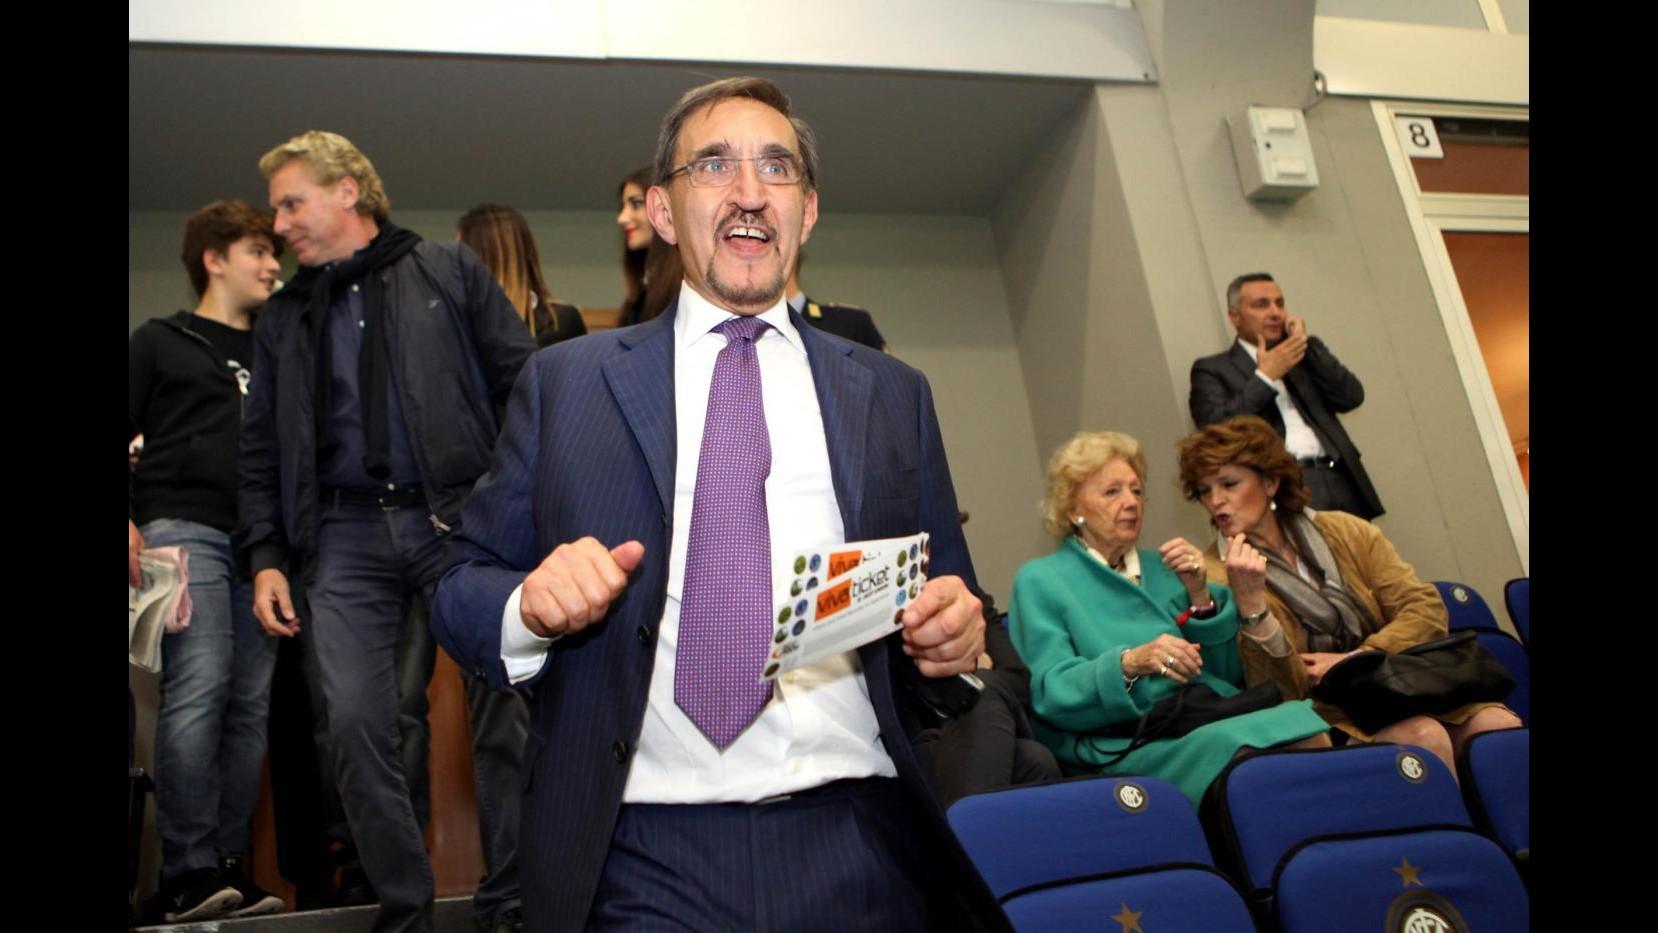 Milano, La Russa:Nostri candidati in pista,sinistra in autocombustione